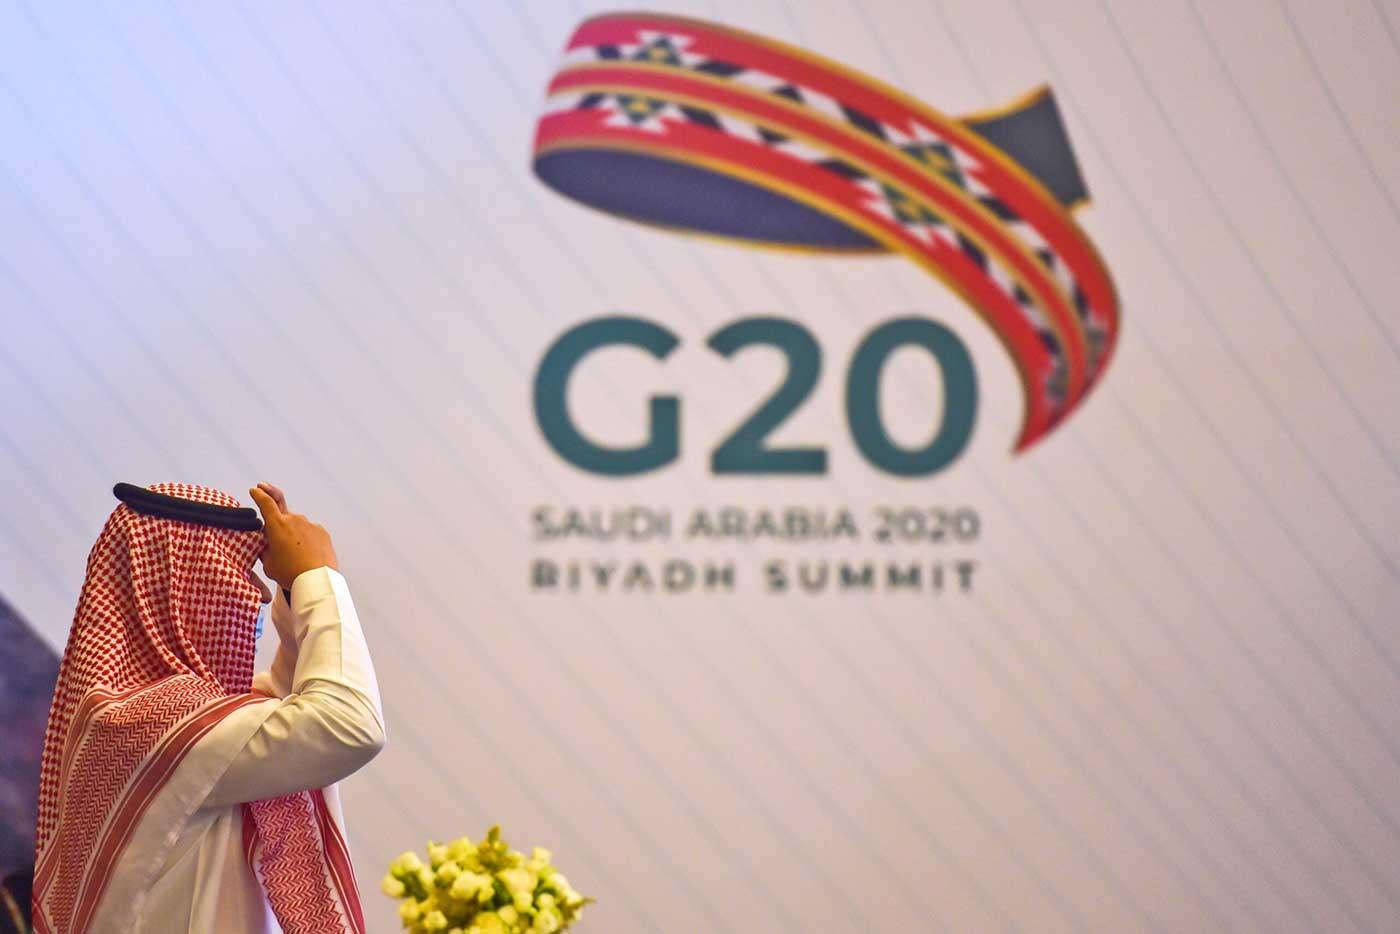 السعودية.. قمة العشرين تبحث عالم ما بعد الجائحة